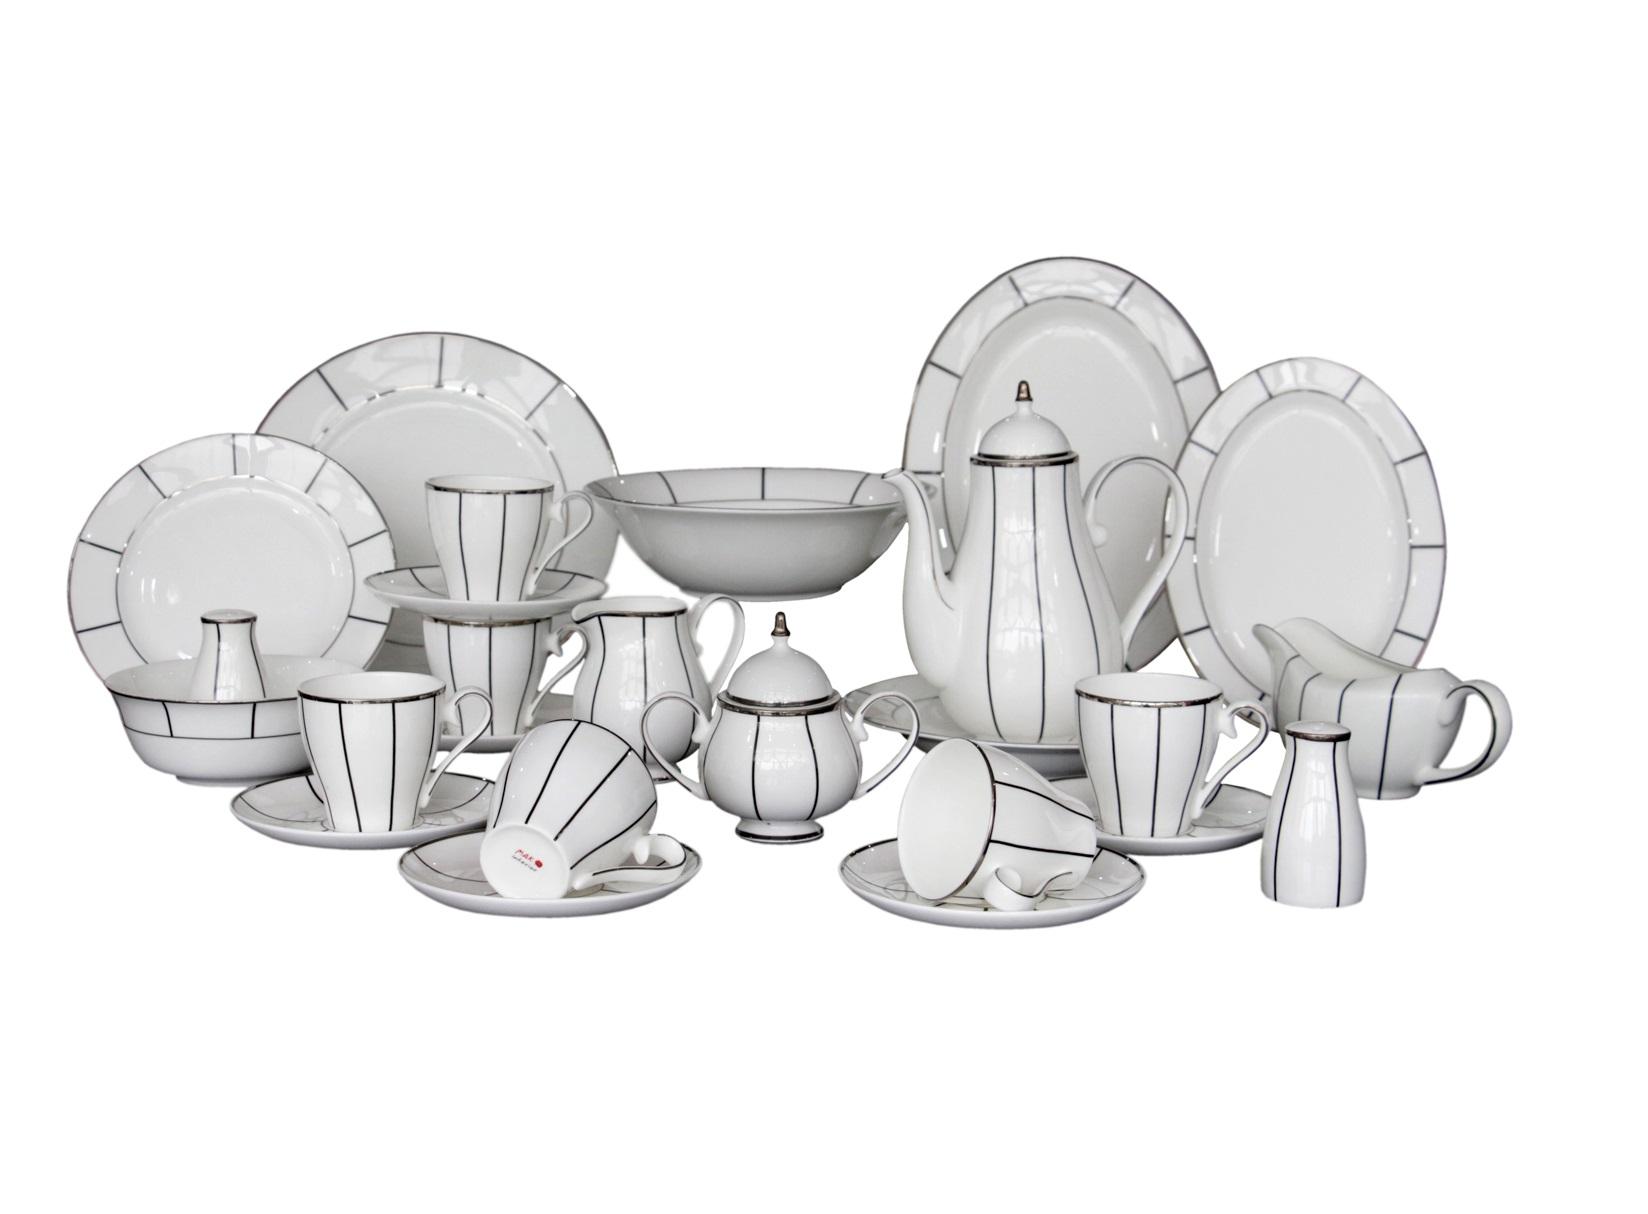 Набор посуды Flavour (26 шт.)Чайные сервизы<br>Грациозный, обворожительный чайный сервиз Flavour отлично дополнит элегантный интерьер Вашей кухни. Его белый цвет удачно гармонирует с серебряными узорами, а классическая форма сервиза привнесет элегантности и тепла в Ваш интерьер.<br>&amp;amp;nbsp;&amp;amp;nbsp;&amp;lt;div&amp;gt;&amp;lt;br&amp;gt;&amp;lt;/div&amp;gt;&amp;lt;div&amp;gt;Состав набора посуды:<br>&amp;amp;nbsp;<br>&amp;amp;nbsp;&amp;lt;/div&amp;gt;&amp;lt;div&amp;gt;1 Блюдо овальное большое: ширина: 31 см, высота: 2,2 см, глубина: 22,8 см;<br>&amp;amp;nbsp;<br>&amp;amp;nbsp;&amp;lt;/div&amp;gt;&amp;lt;div&amp;gt;1 Блюдо овальное малое: ширина: 25,5 см, высота: 1,5 см, глубина: 18 см;<br>&amp;amp;nbsp;<br>&amp;amp;nbsp;&amp;lt;/div&amp;gt;&amp;lt;div&amp;gt;6 обеденных тарелок (большие): диаметр: 26,6 см; высота: 1,8 см;<br>&amp;amp;nbsp;<br>&amp;amp;nbsp;&amp;lt;/div&amp;gt;&amp;lt;div&amp;gt;6 обеденных тарелок (малые): диаметр: 20,5 см; высота: 1,3 см;<br>&amp;amp;nbsp;<br>&amp;amp;nbsp;&amp;lt;/div&amp;gt;&amp;lt;div&amp;gt;1 соусник: высота 7 см; ширина: 20 см; глубина: 8,5 см;<br>&amp;amp;nbsp;<br>&amp;amp;nbsp;&amp;lt;/div&amp;gt;&amp;lt;div&amp;gt;2 перечницы: высота 8,8 см; диаметр: 5 см;<br>&amp;amp;nbsp;<br>&amp;amp;nbsp;&amp;lt;/div&amp;gt;&amp;lt;div&amp;gt;2 салатника: диаметр 15 см; высота 5,8 см;<br>&amp;amp;nbsp;<br>&amp;amp;nbsp;&amp;lt;/div&amp;gt;&amp;lt;div&amp;gt;6 суповых тарелок: диаметр 23 см; высота: 3,4 см; &amp;amp;nbsp;&amp;amp;nbsp;&amp;lt;/div&amp;gt;&amp;lt;div&amp;gt;&amp;lt;br&amp;gt;&amp;lt;/div&amp;gt;&amp;lt;div&amp;gt;Материал Костяной фарфор.&amp;lt;/div&amp;gt;<br><br>Material: Фарфор<br>Ширина см: 31<br>Высота см: 2<br>Глубина см: 22